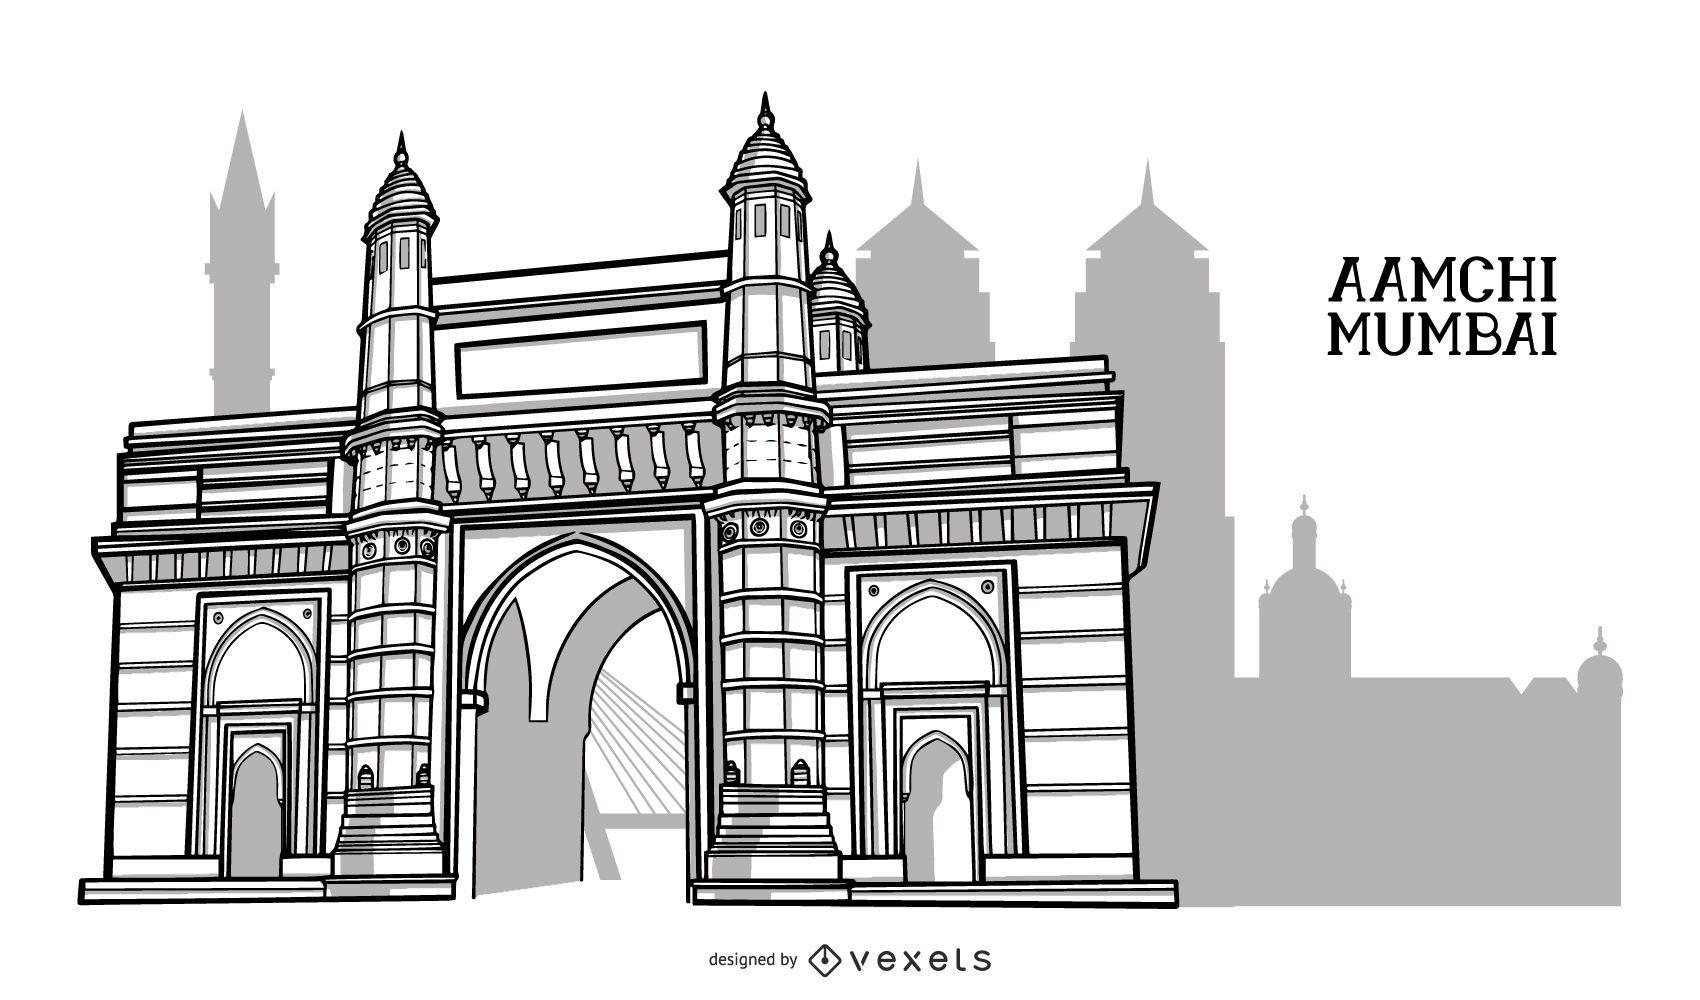 Diseño de la ciudad del edificio de Mumbai